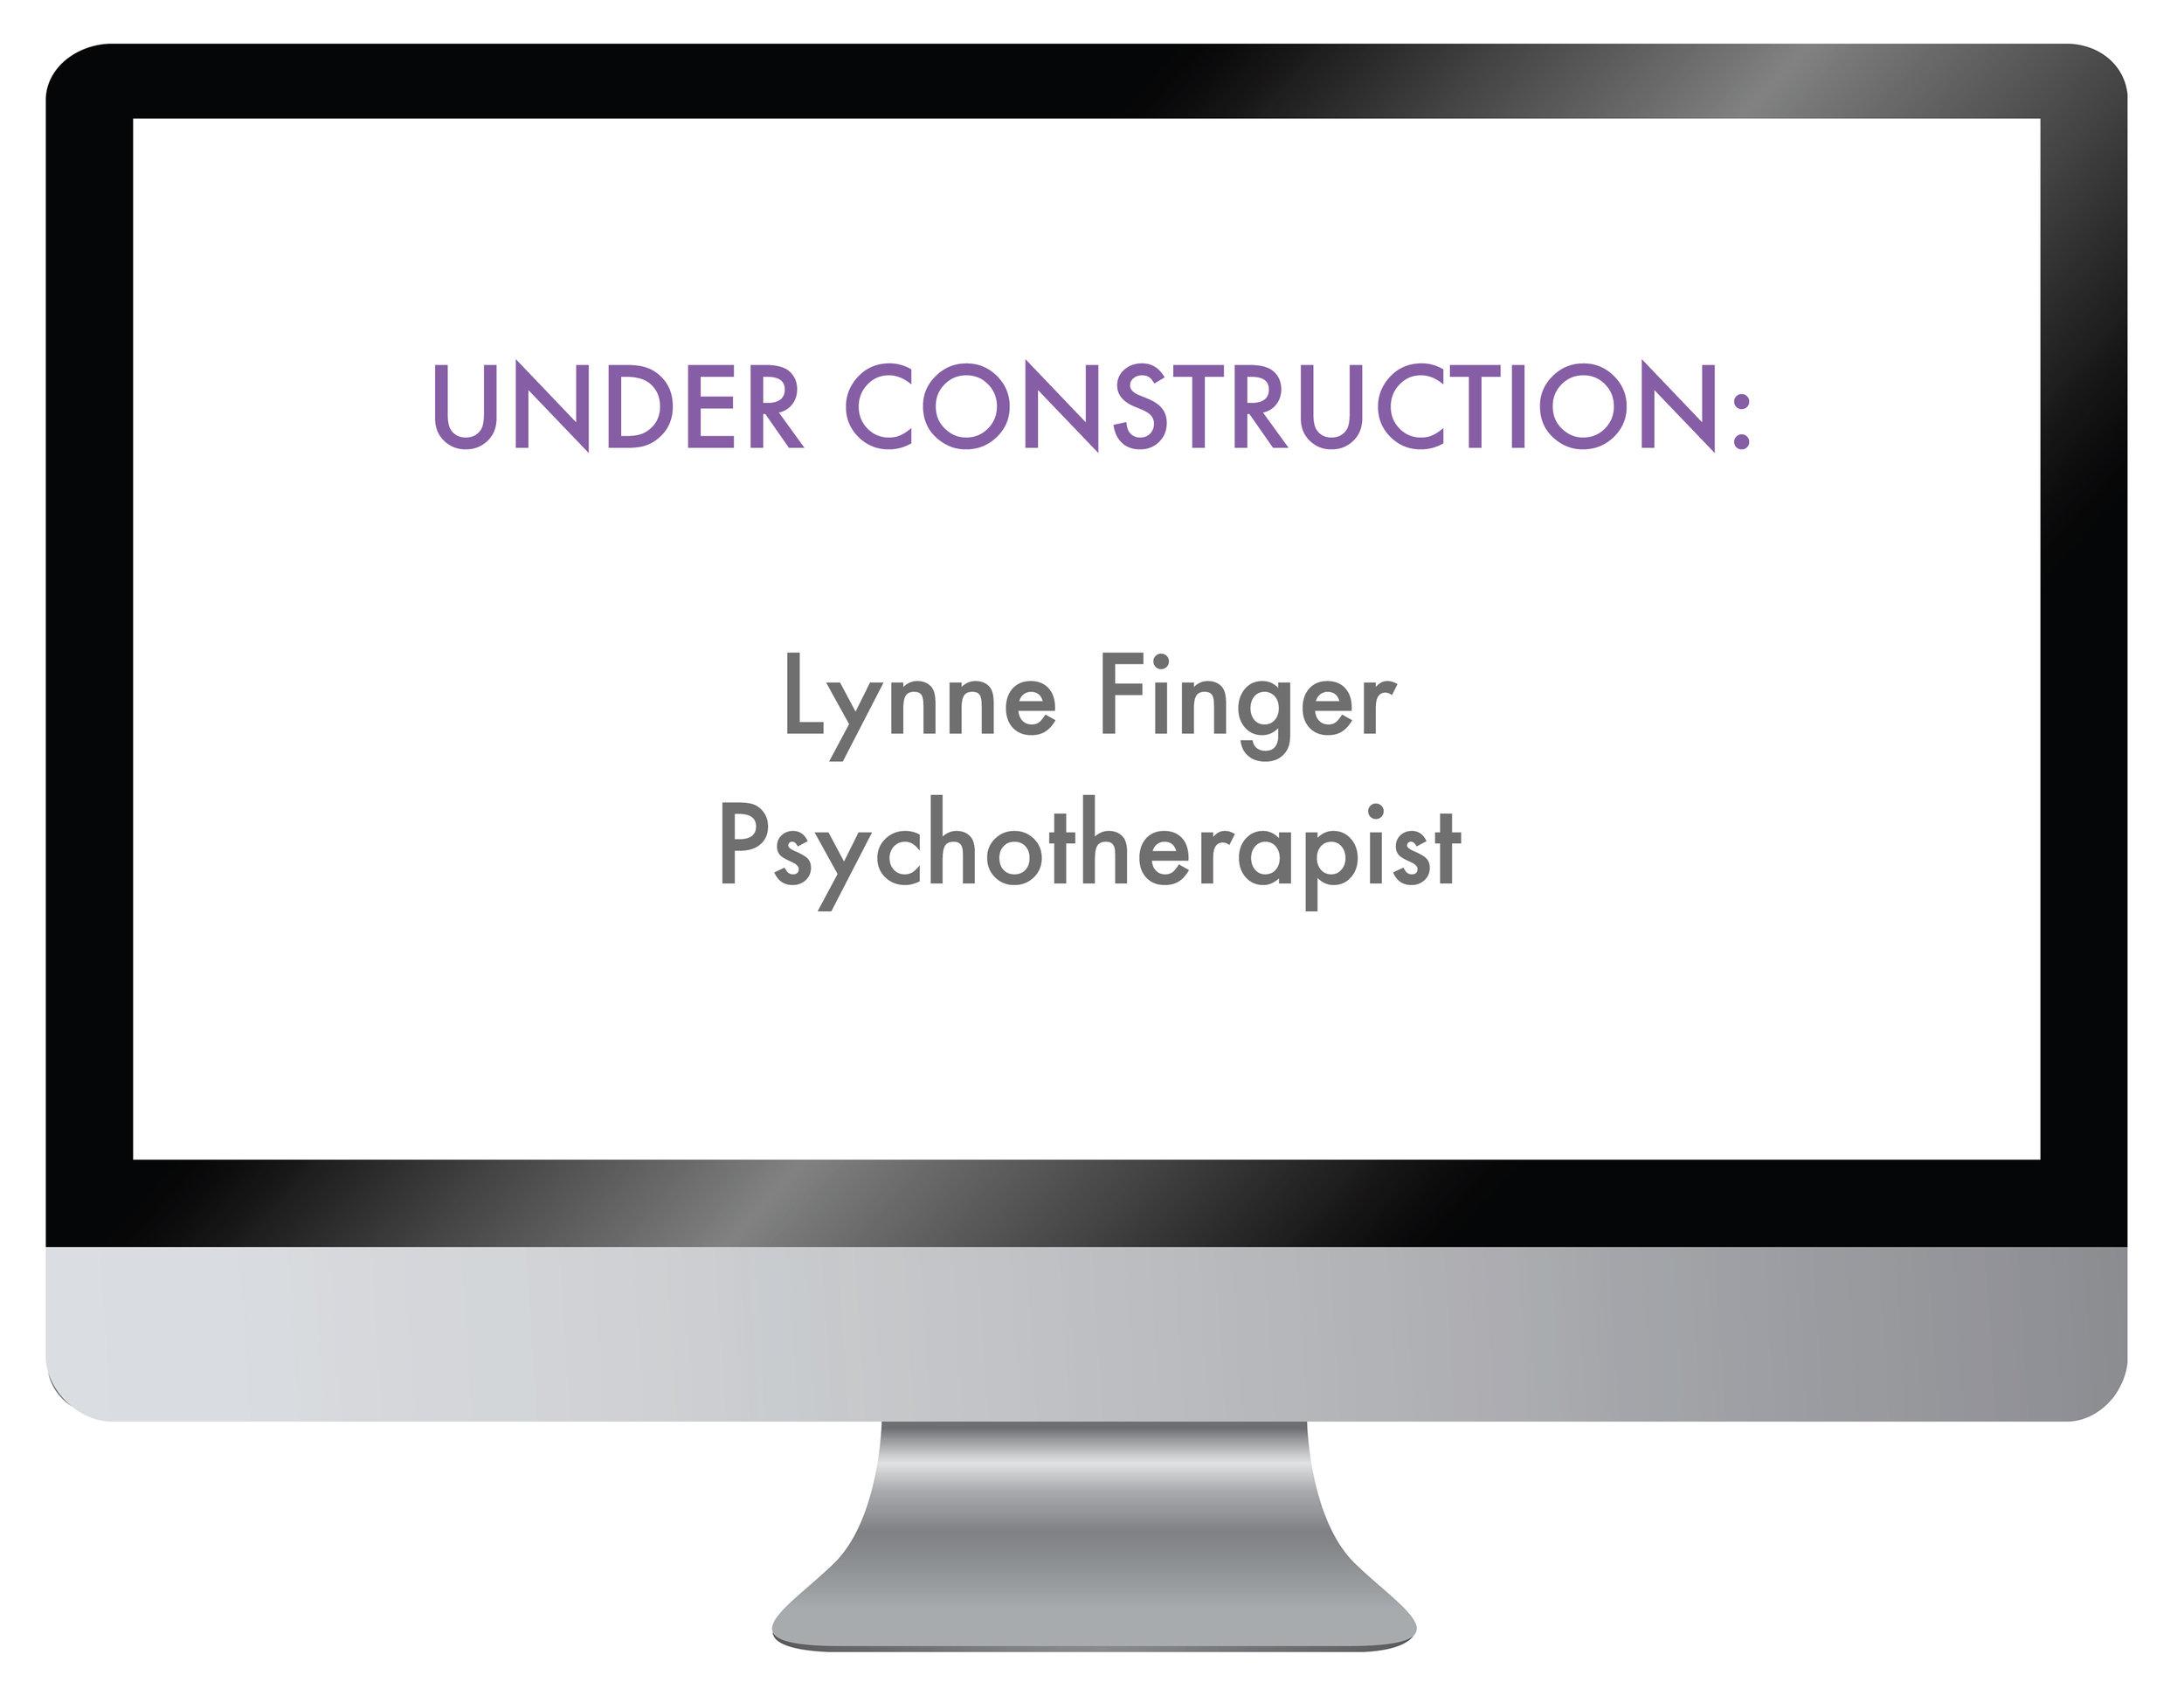 lynne Finger uc.jpg